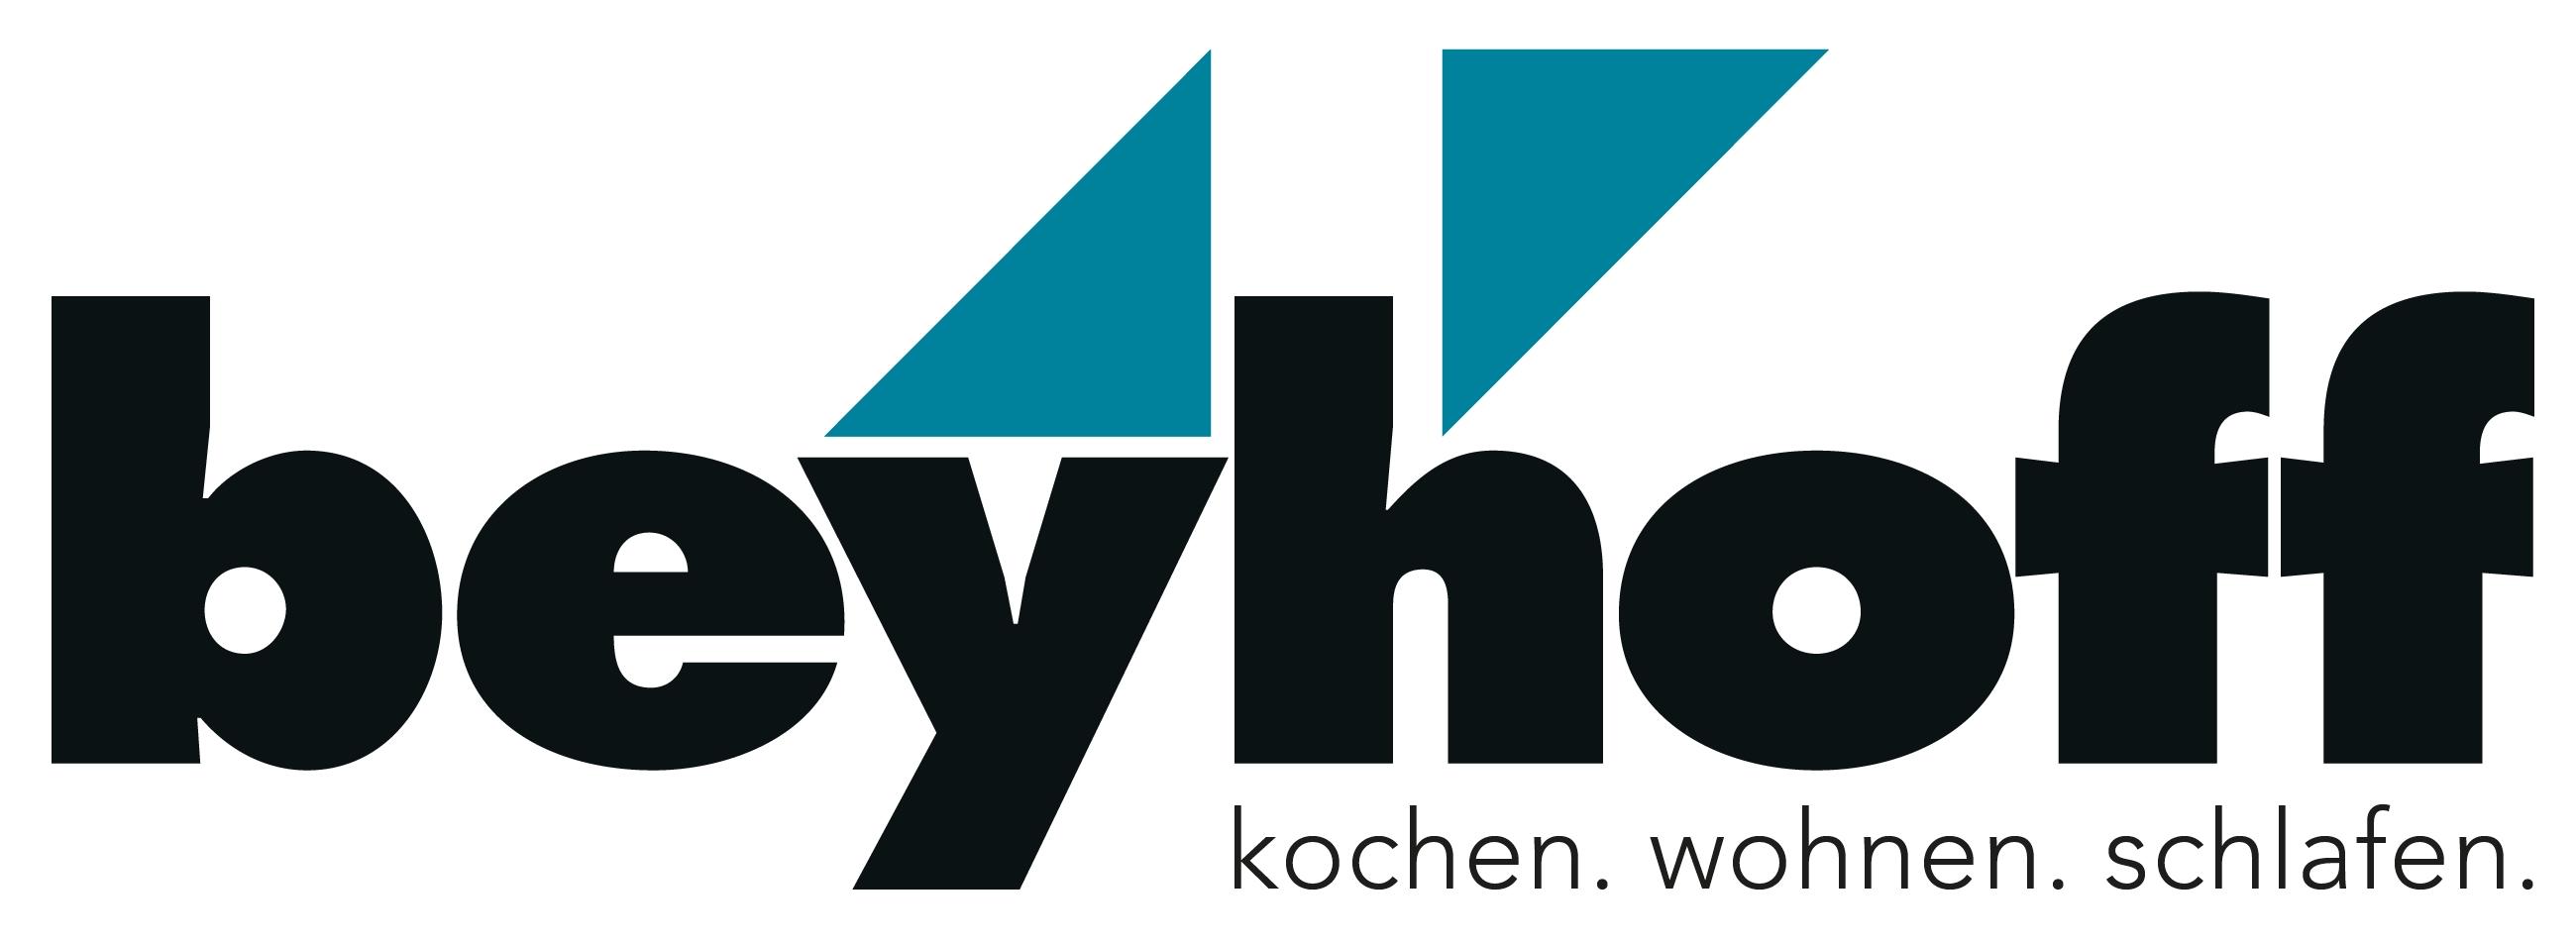 Beyhoff Logo